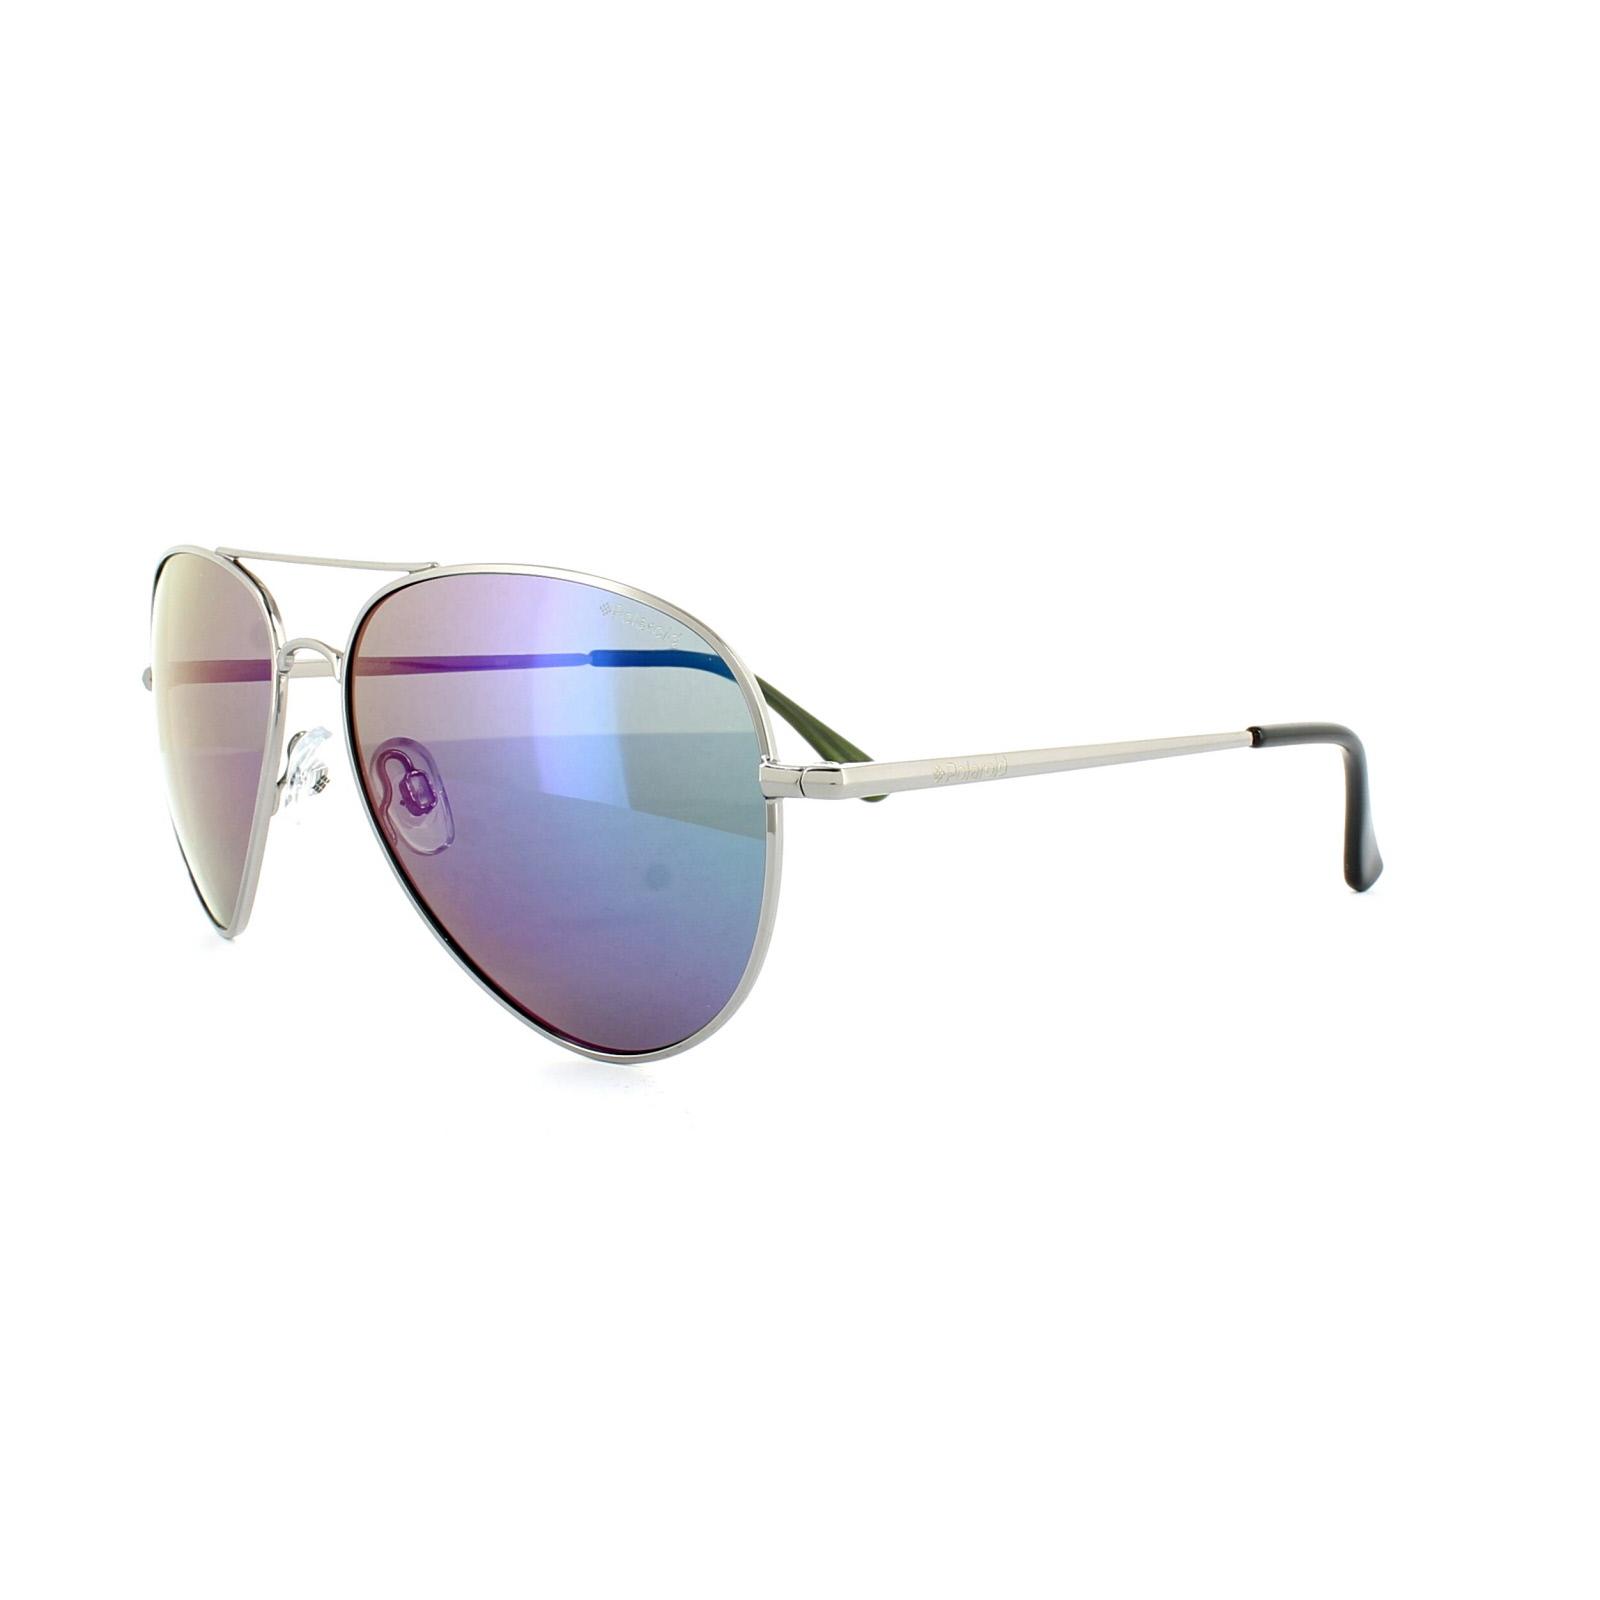 679066c501 Sentinel Polaroid Sunglasses P4139 N5Y K7 Silver Green Mirror Polarized